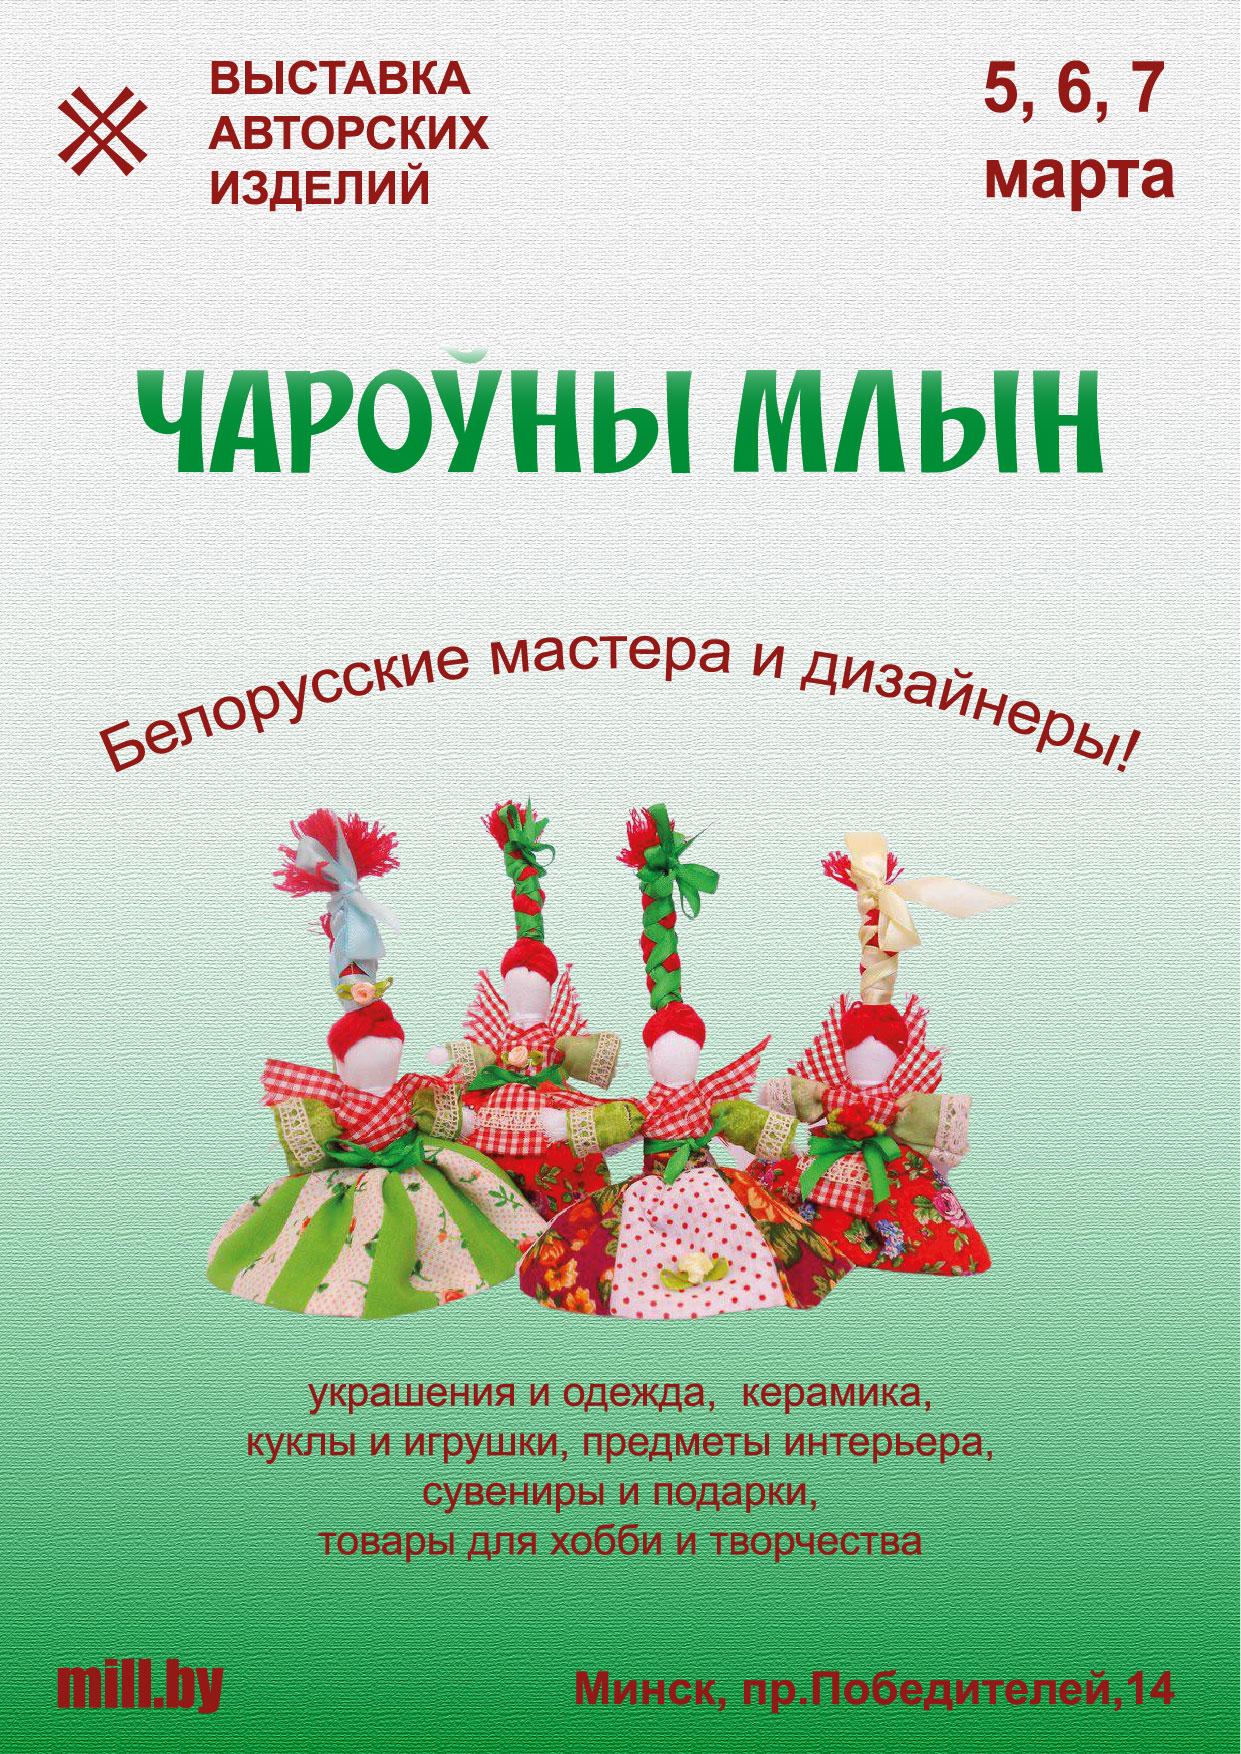 Дизайн-макет афиши выставки ручной работы фото f_5586005d4484a829.jpg